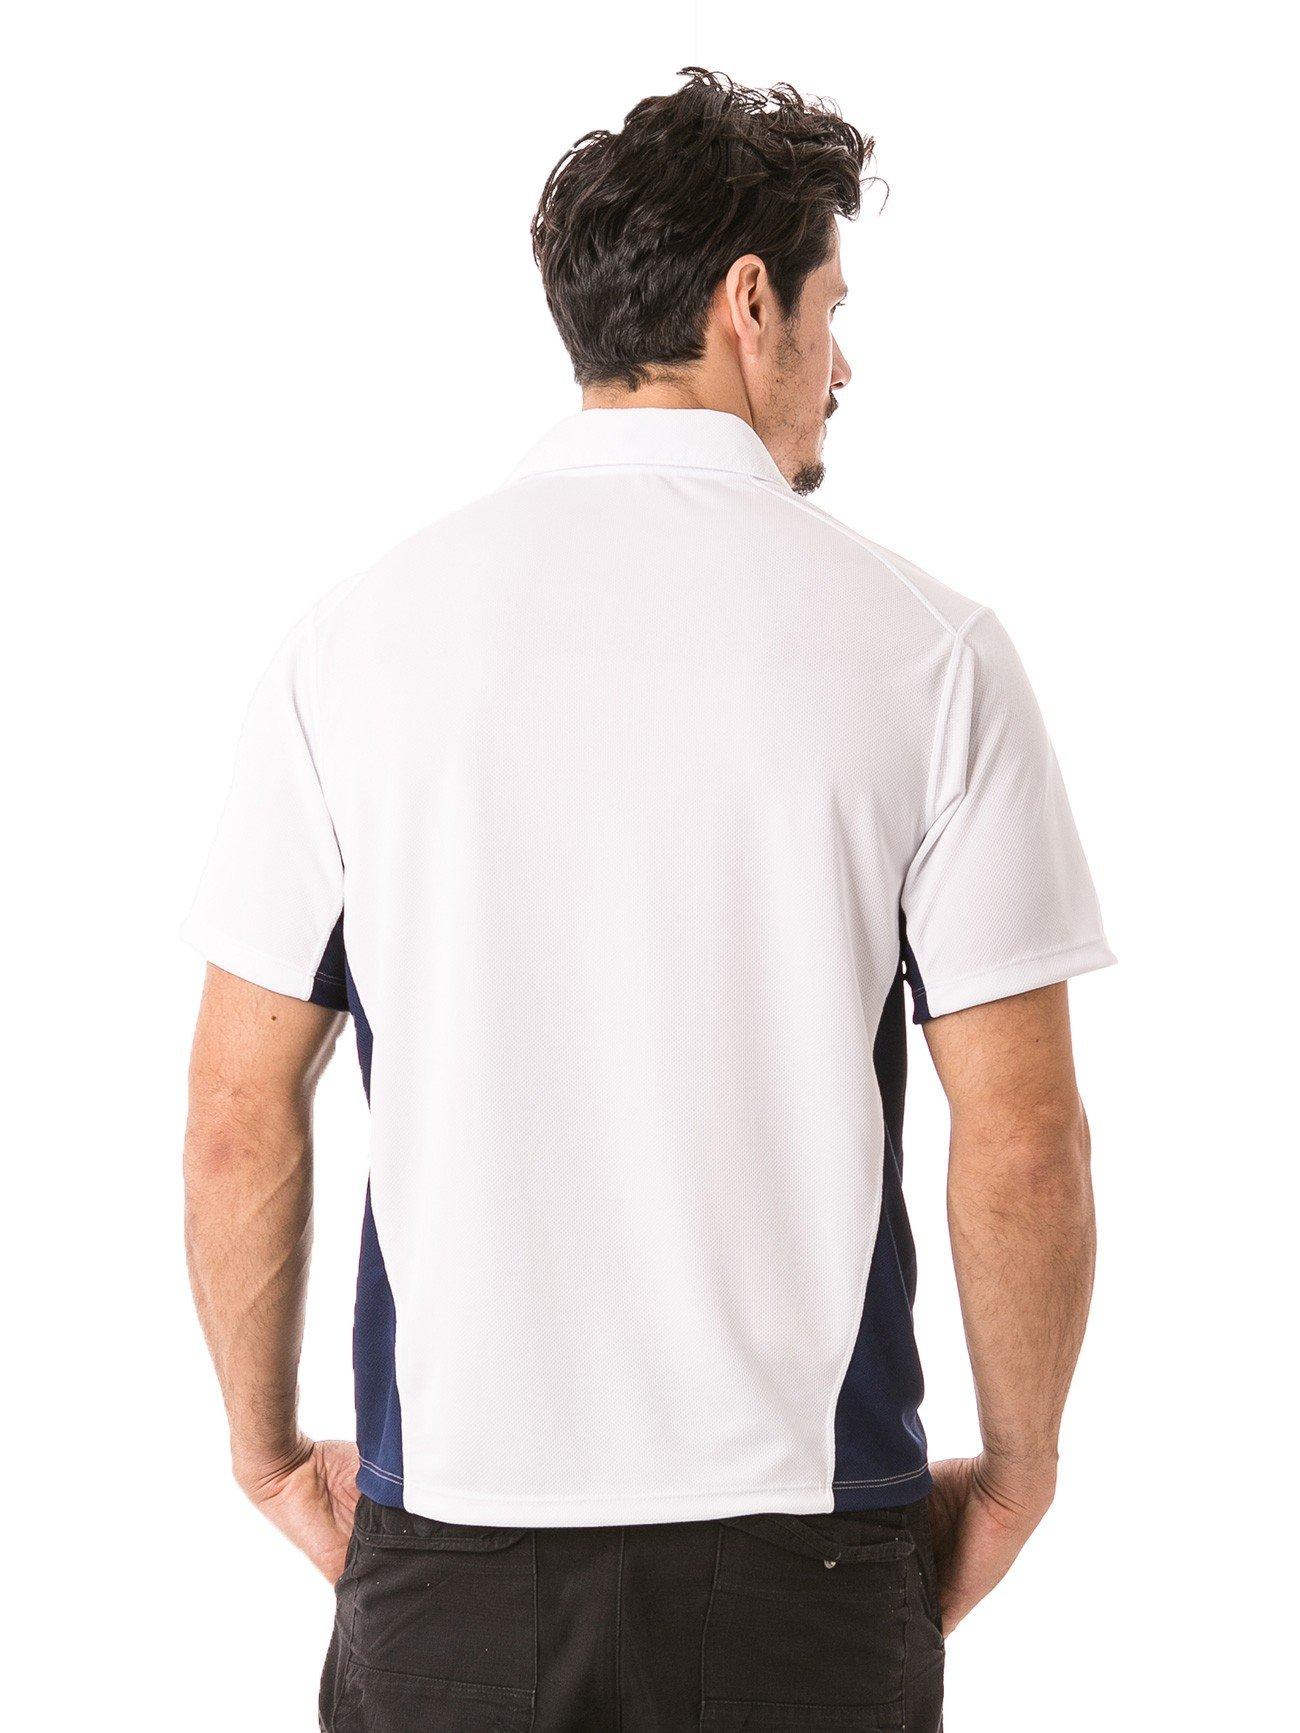 masculina polo detalhe curta dry branca com azul costas b